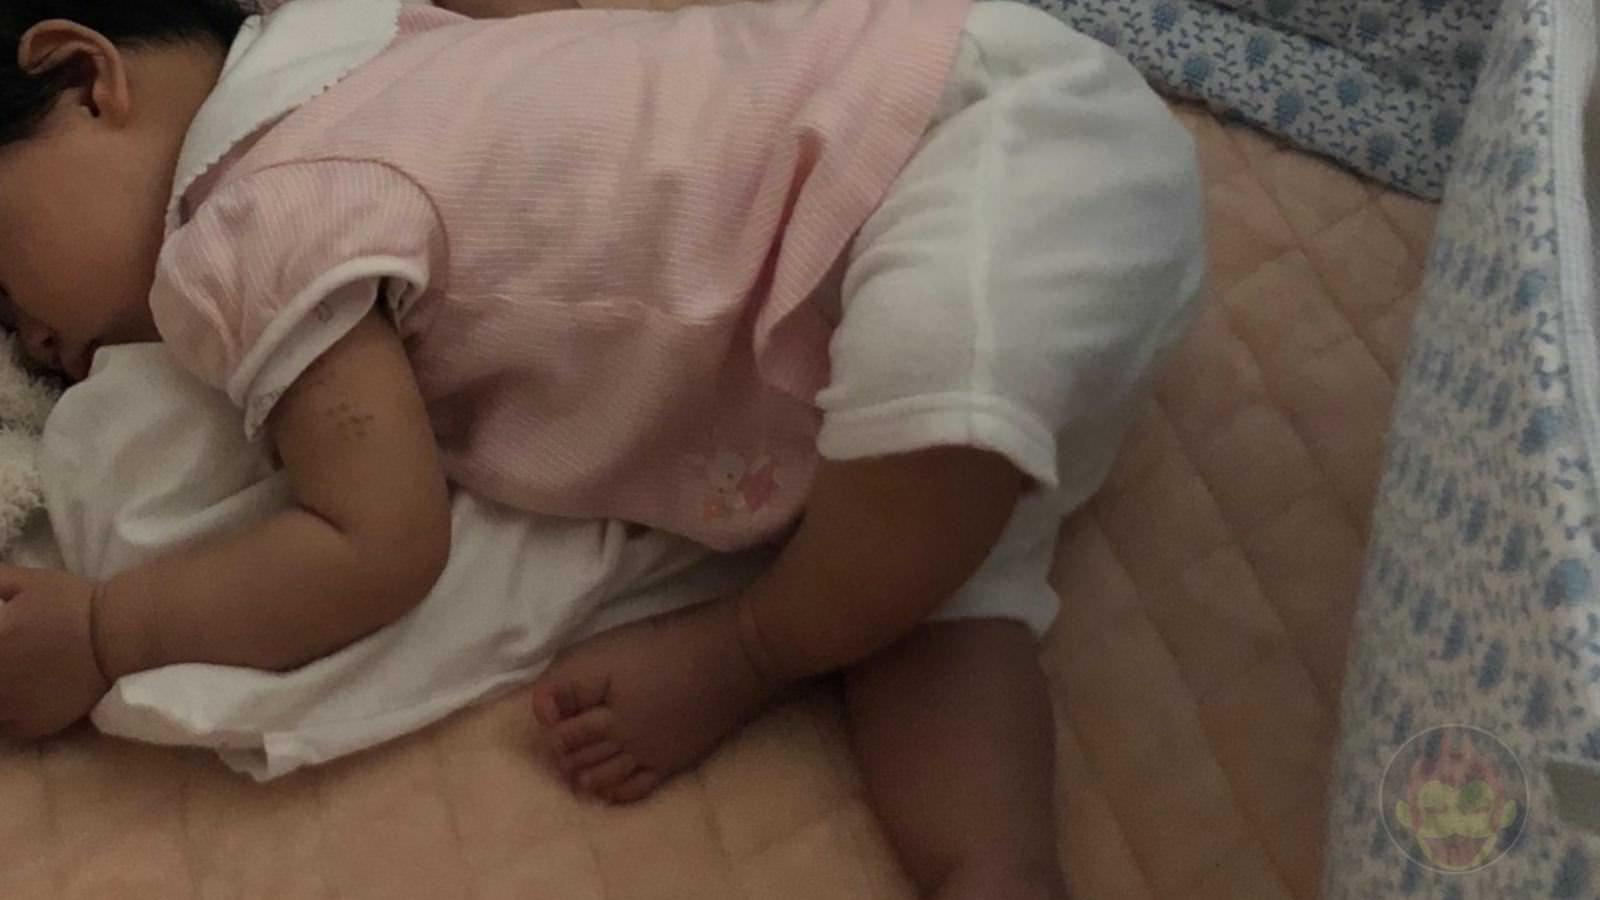 Angel-is-asleep-very-strangely-2.jpg